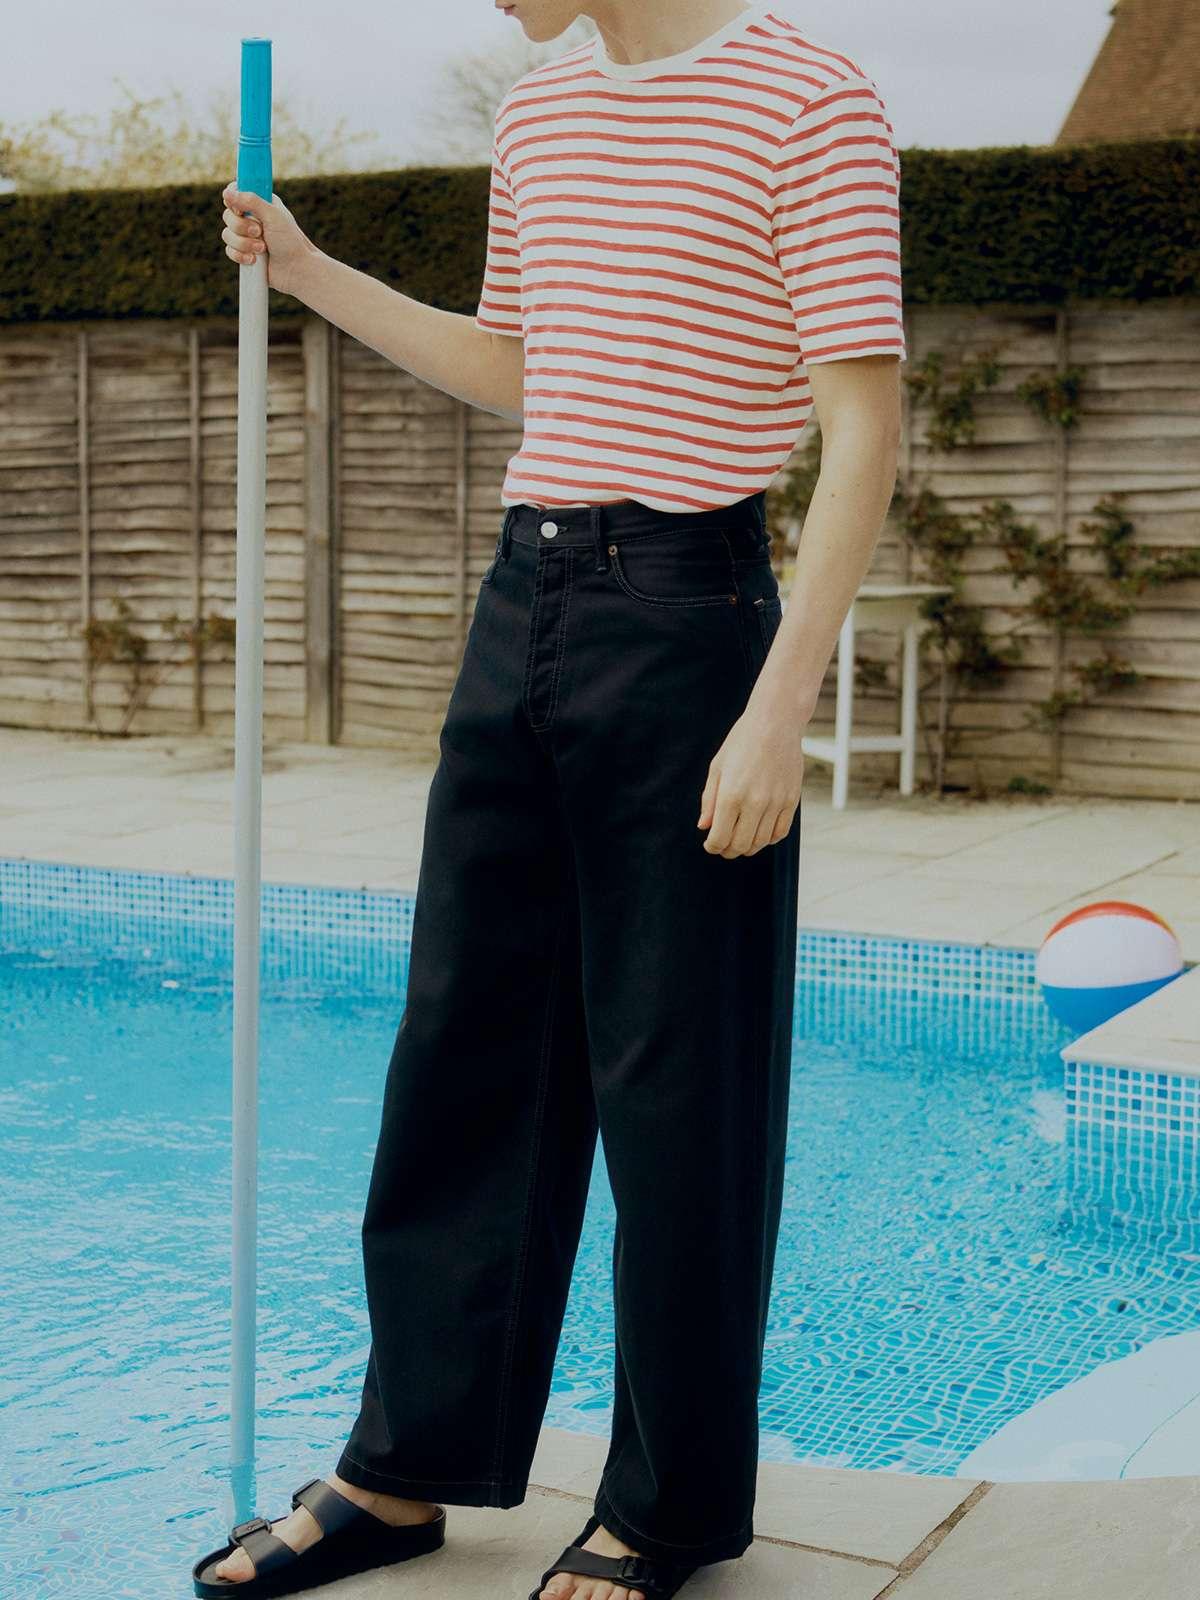 The Best Menswear Jeans Styles